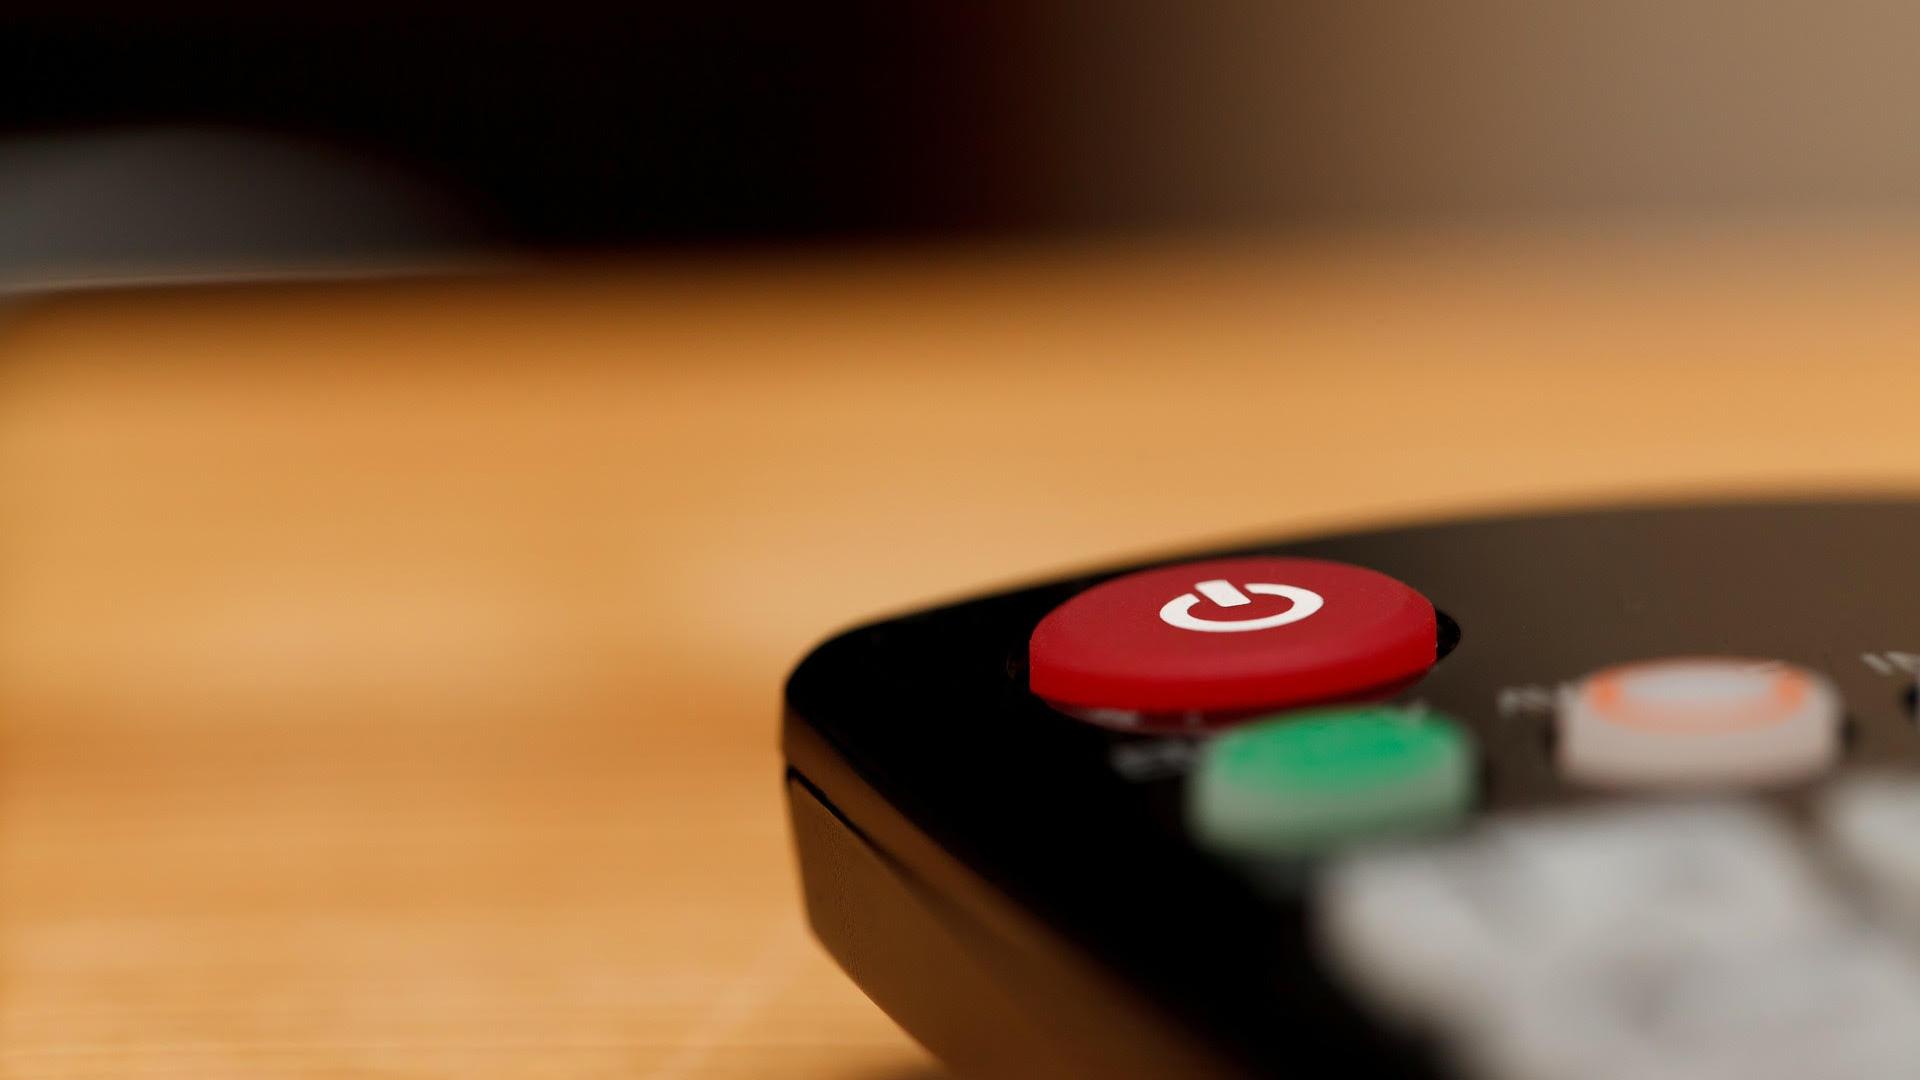 Joyco afianza su participación en el sector de tecnología